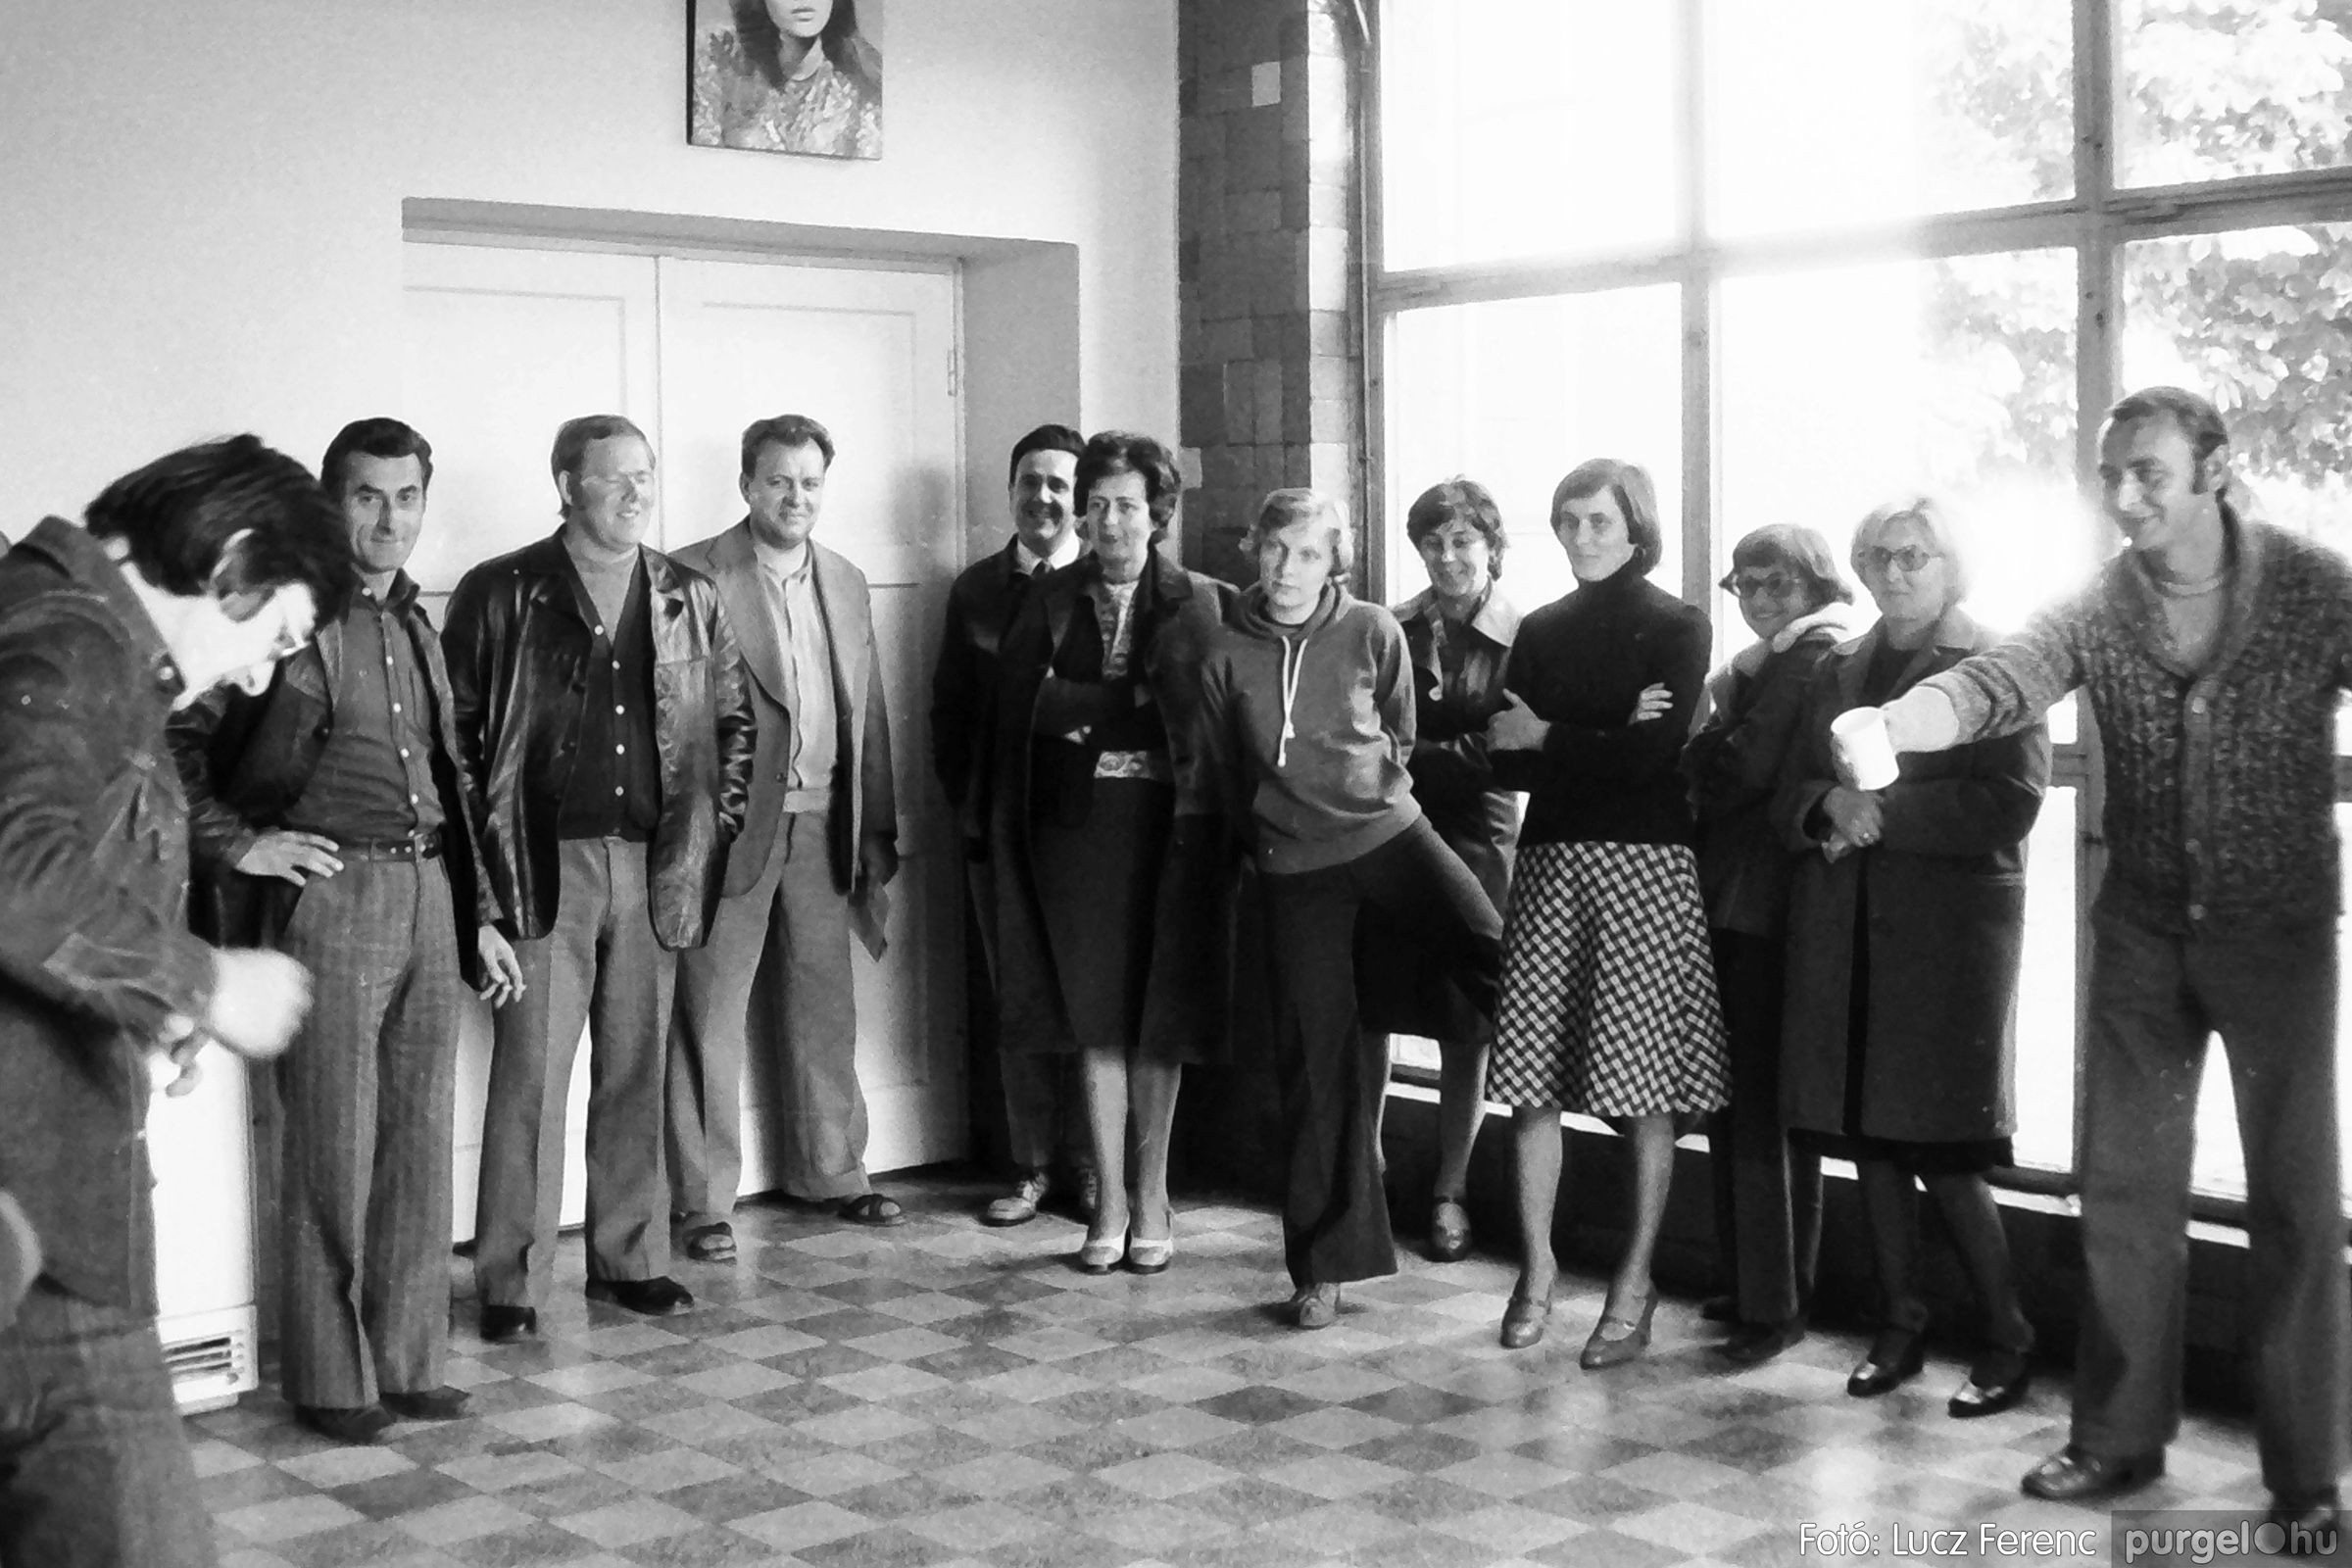 090. 1977. Puskin TSZ szocialista brigád vetélkedője 003. - Fotó: Lucz Ferenc.jpg